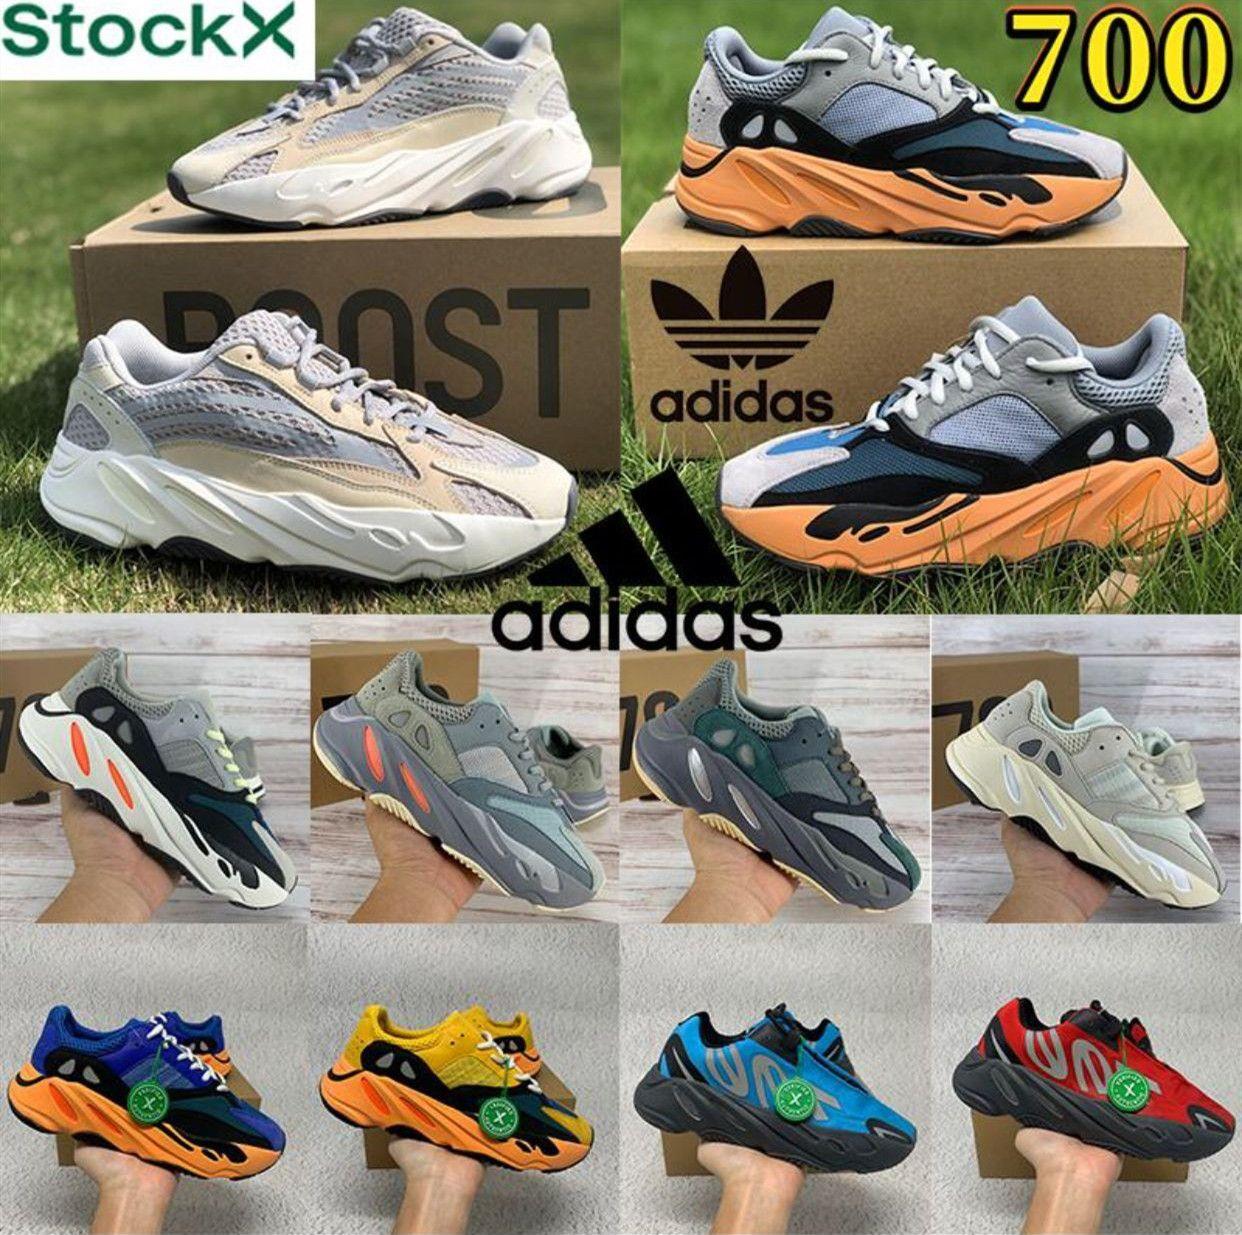 Kutu + Yeşil Tag Kanye Ayakkabı V1 V2 Eremiel Vanta Kany 700 Güneş Statik Erkekler Bayan Batı Mnvn Erkek Spor Tasarımcıları Ayakkabı Atletizm Sneakers 36-47 Boost 7Y5Q #